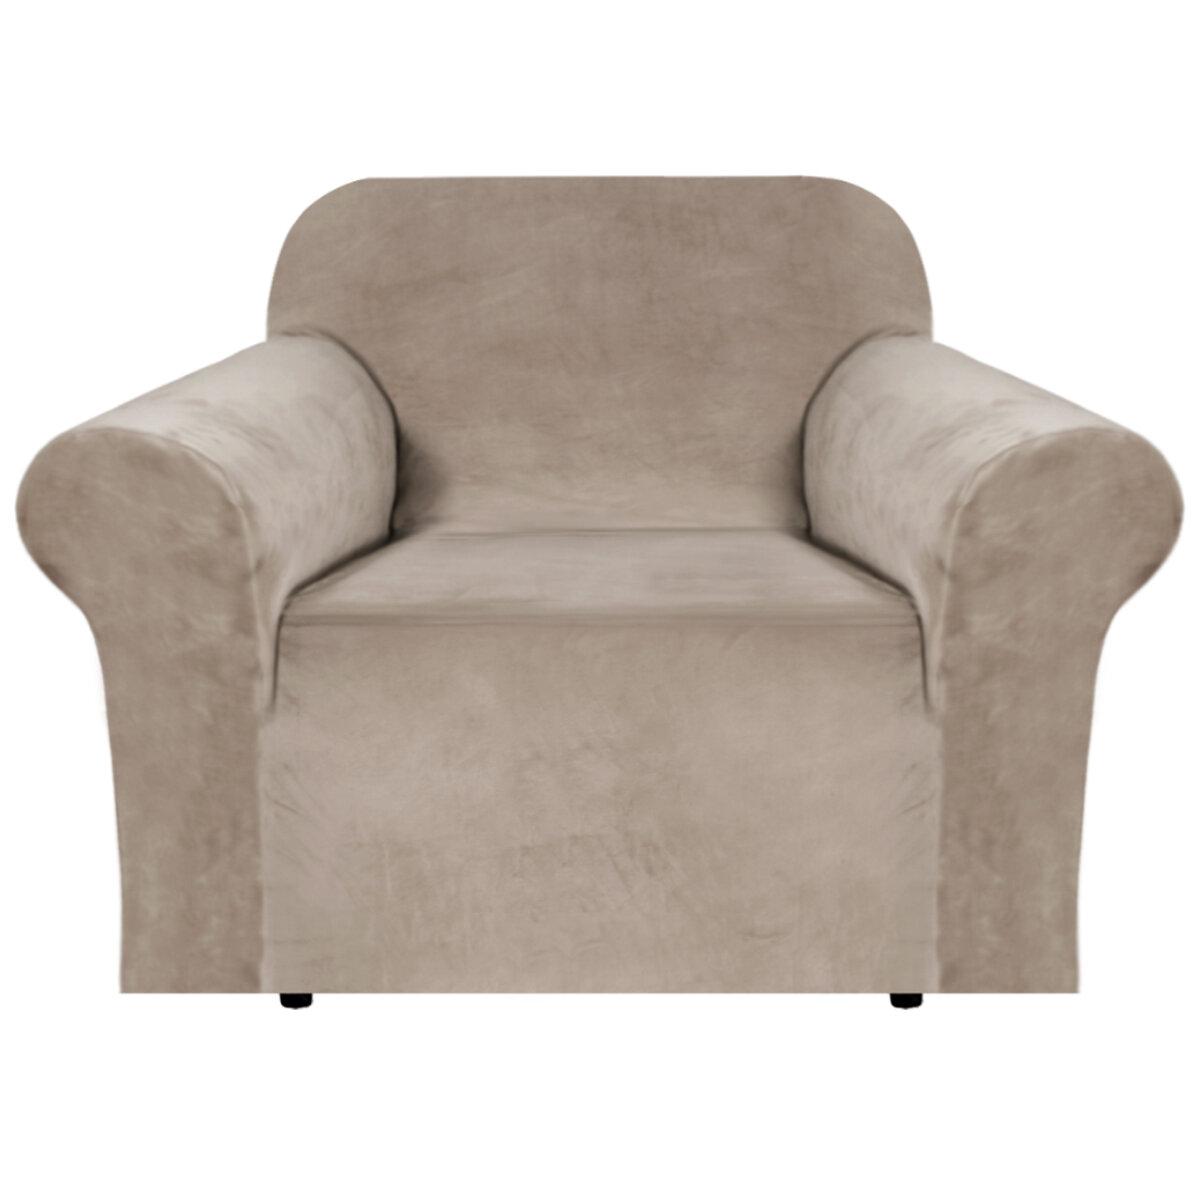 Canora Grey Luxurious Velvet Box Cushion Armchair Slipcover Reviews Wayfair